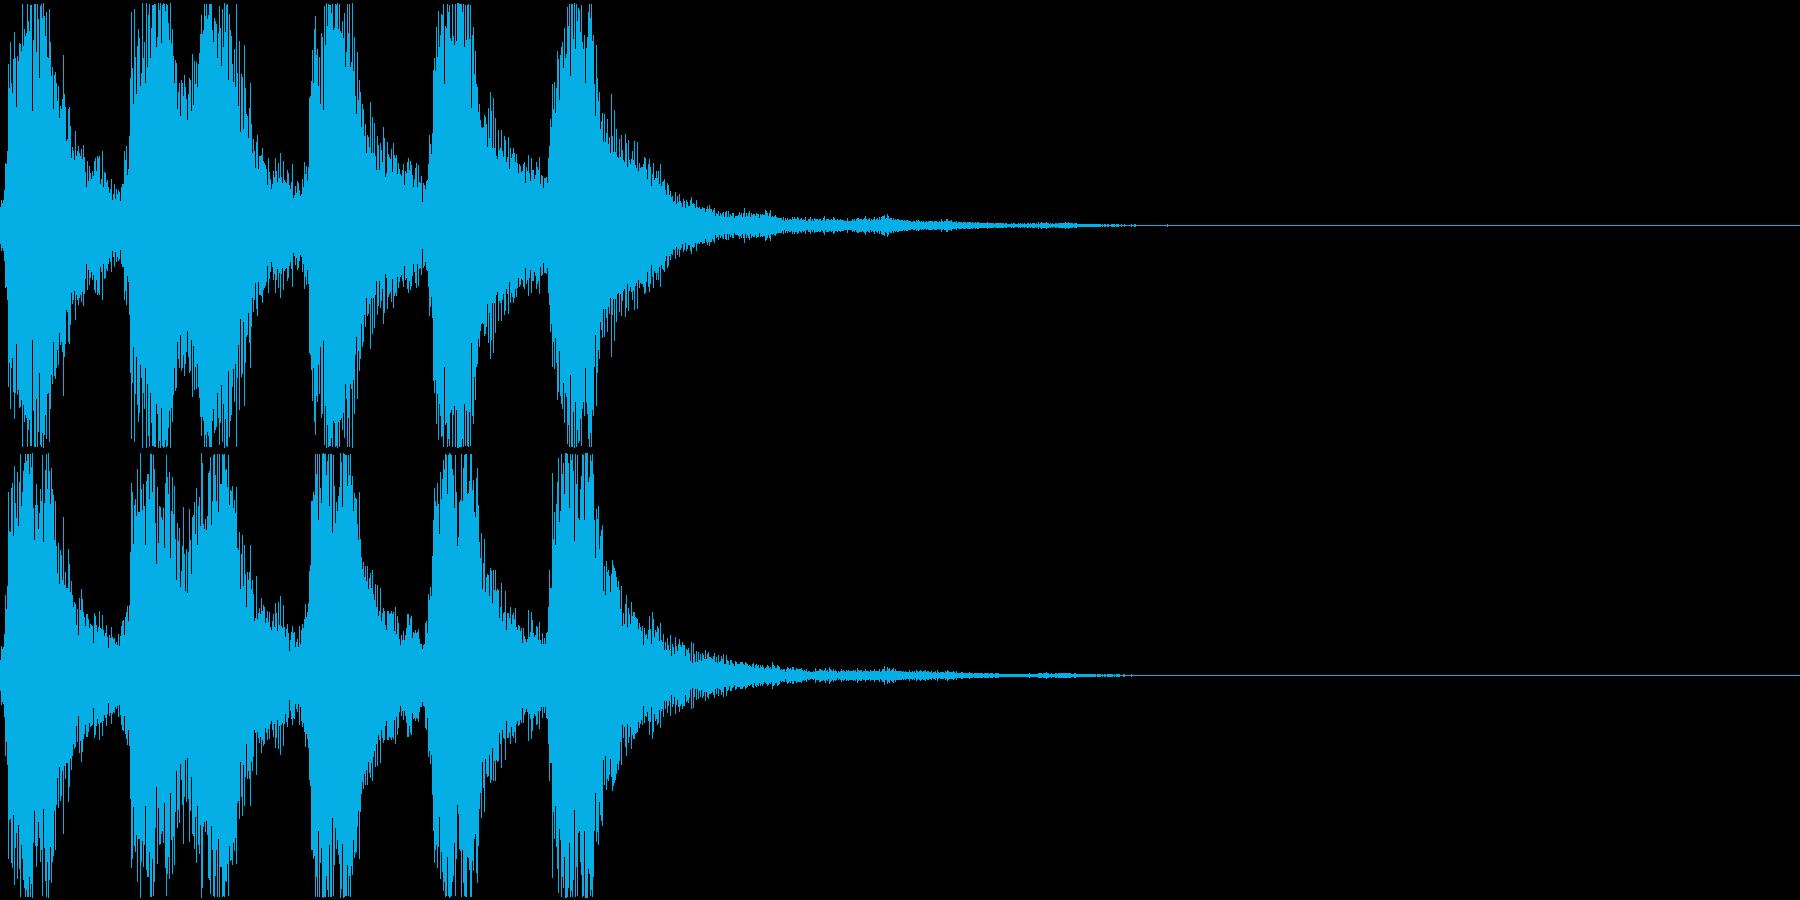 ラッパ ファンファーレ 定番 16の再生済みの波形